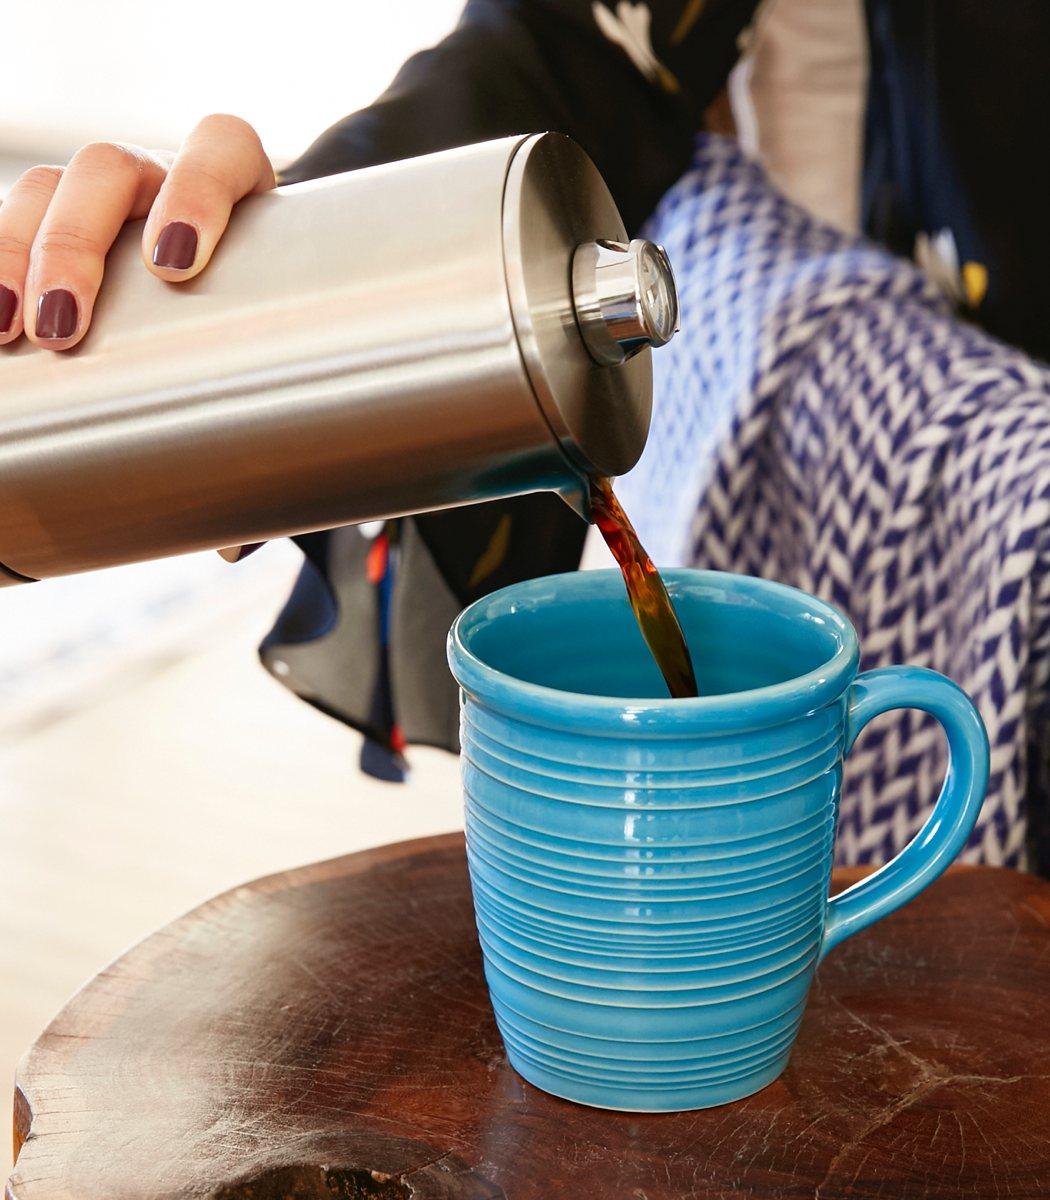 rite_press_coffee_maker_06